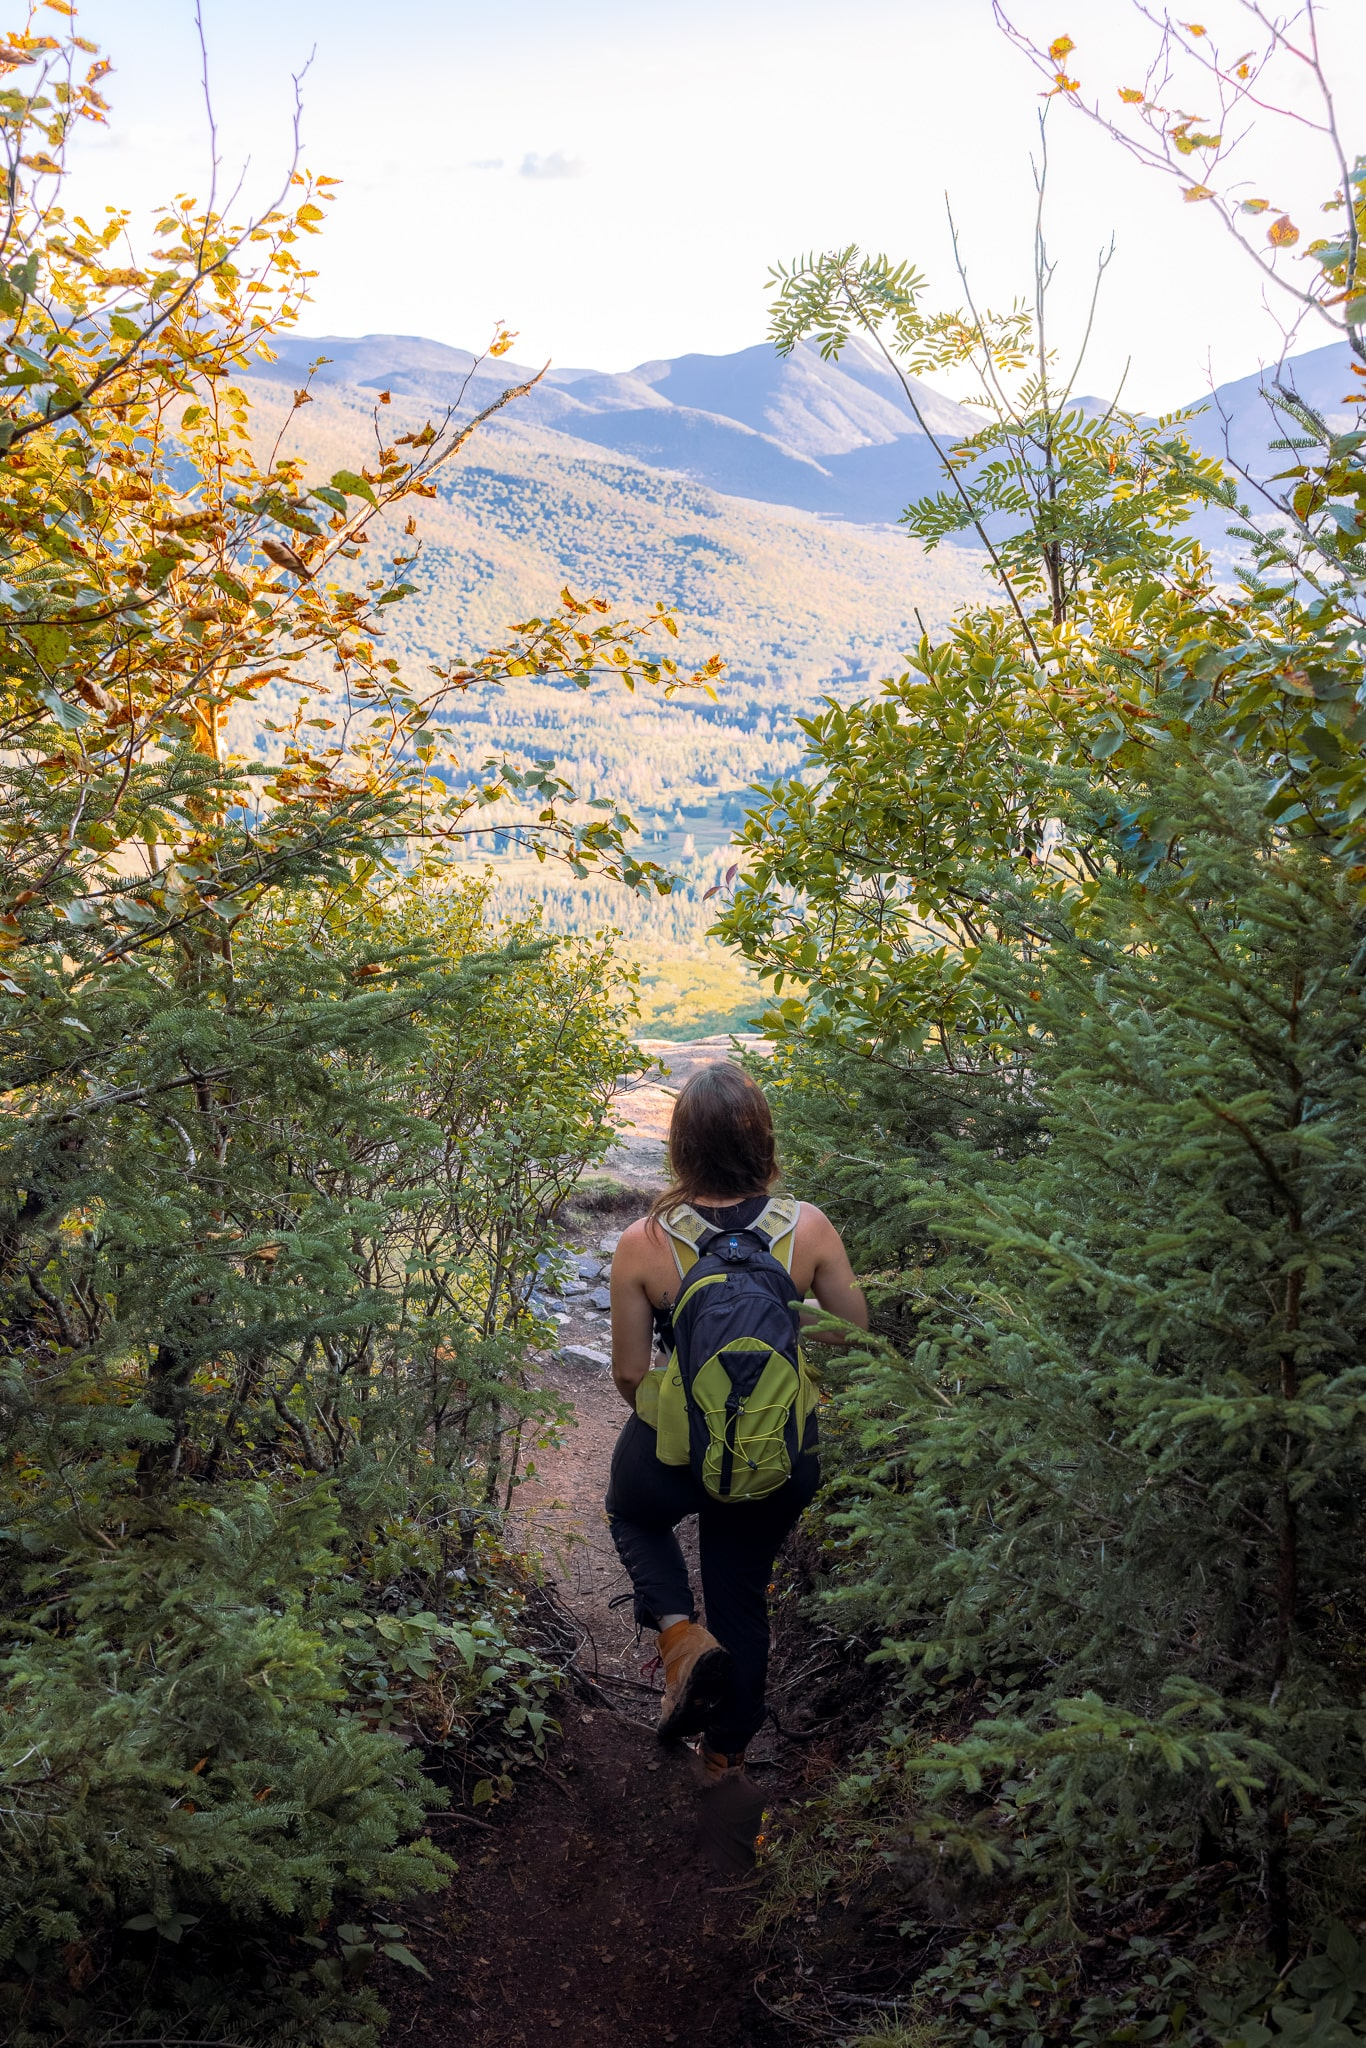 Short hiking trail near Lake Placid